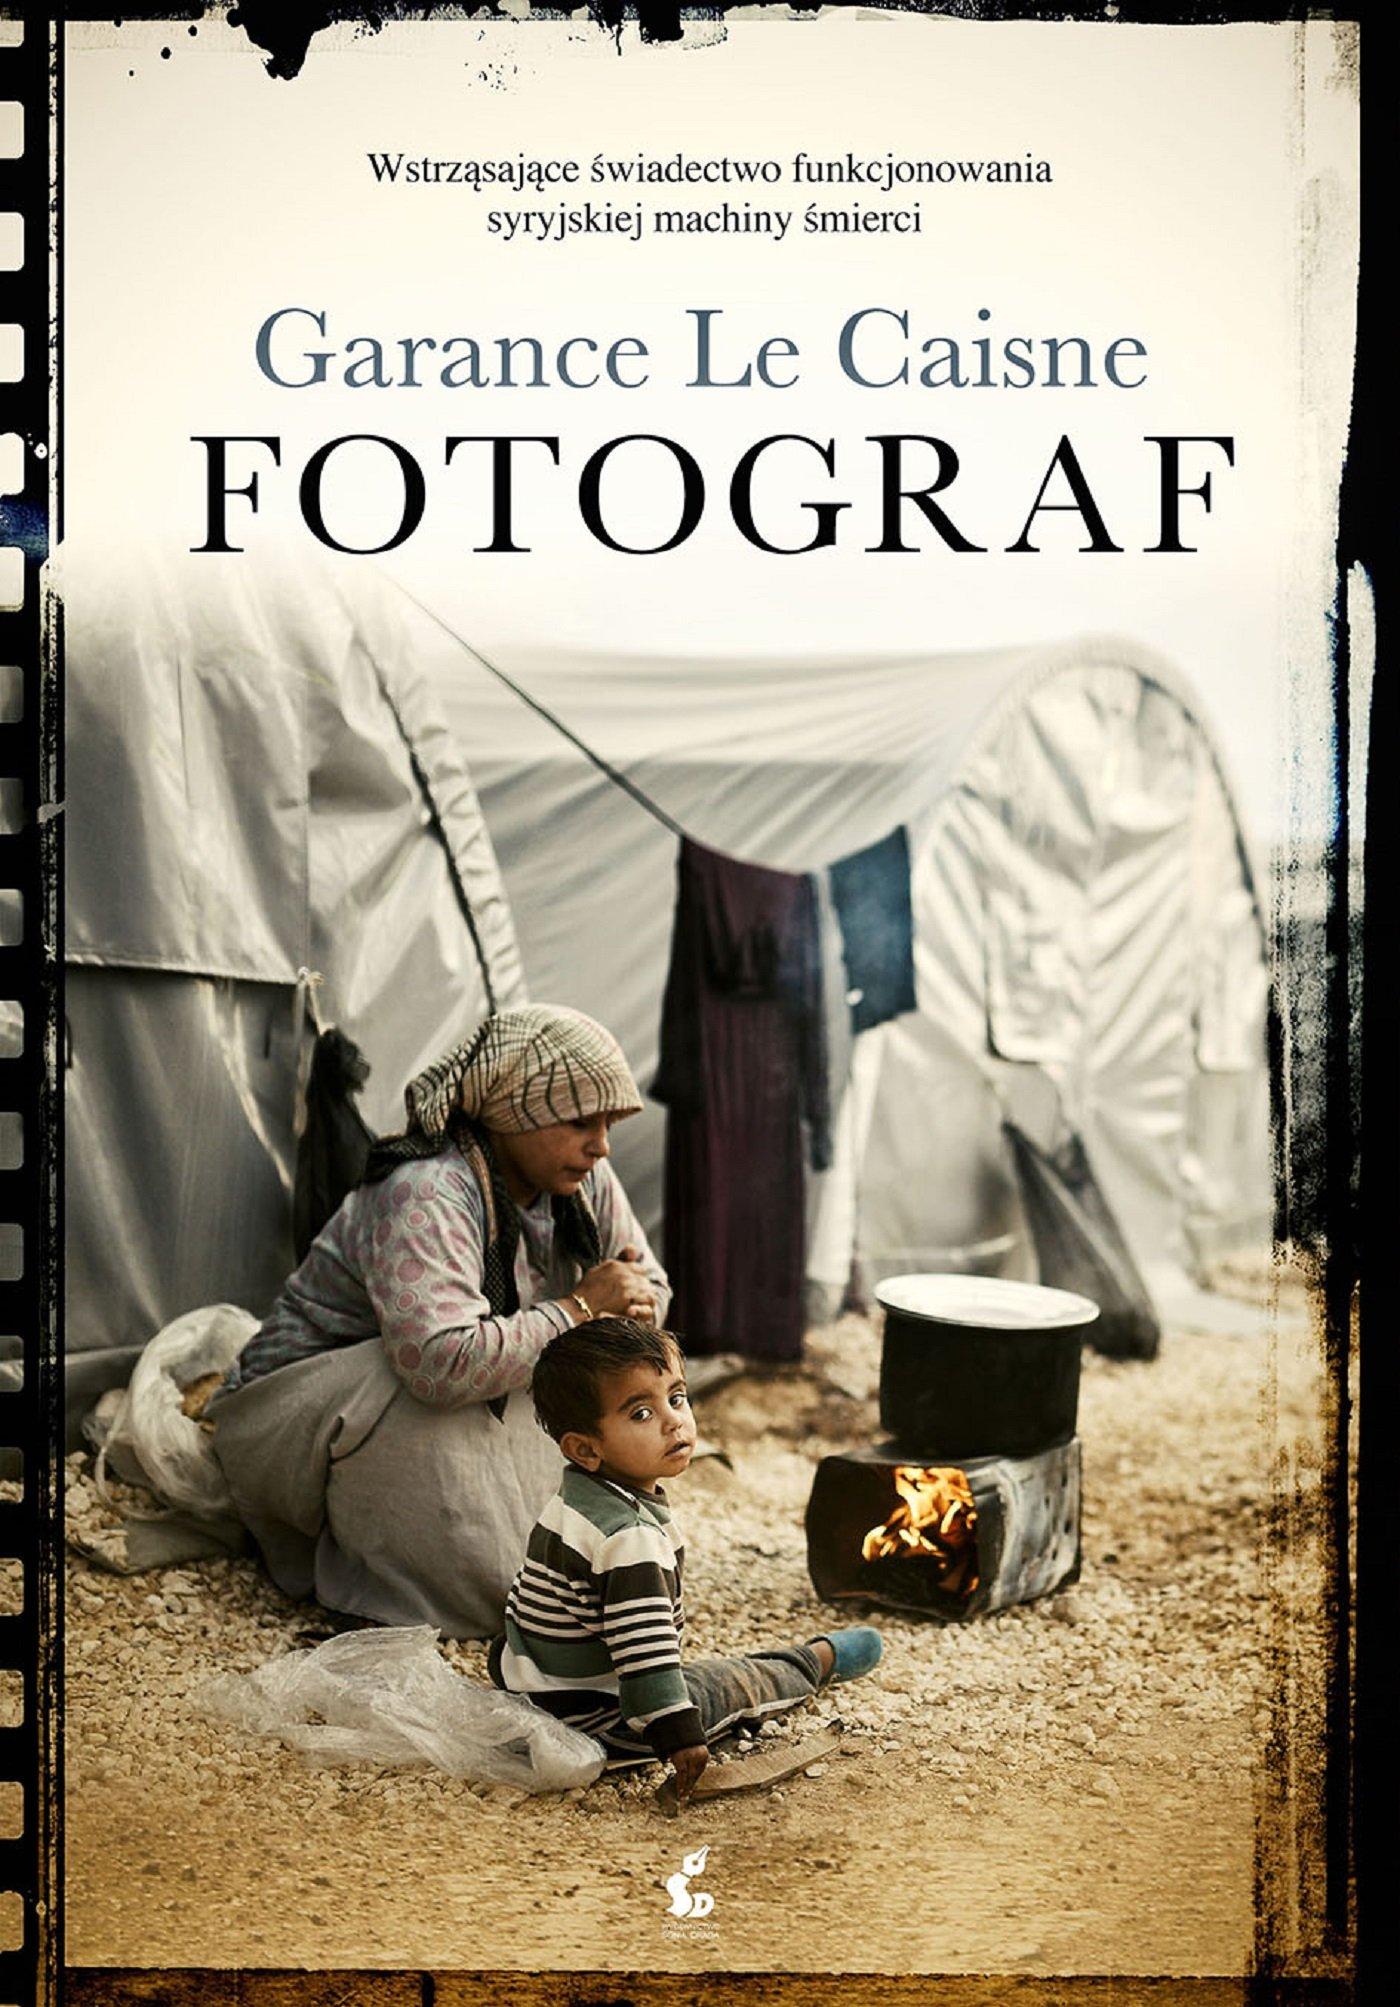 Fotograf - Ebook (Książka EPUB) do pobrania w formacie EPUB